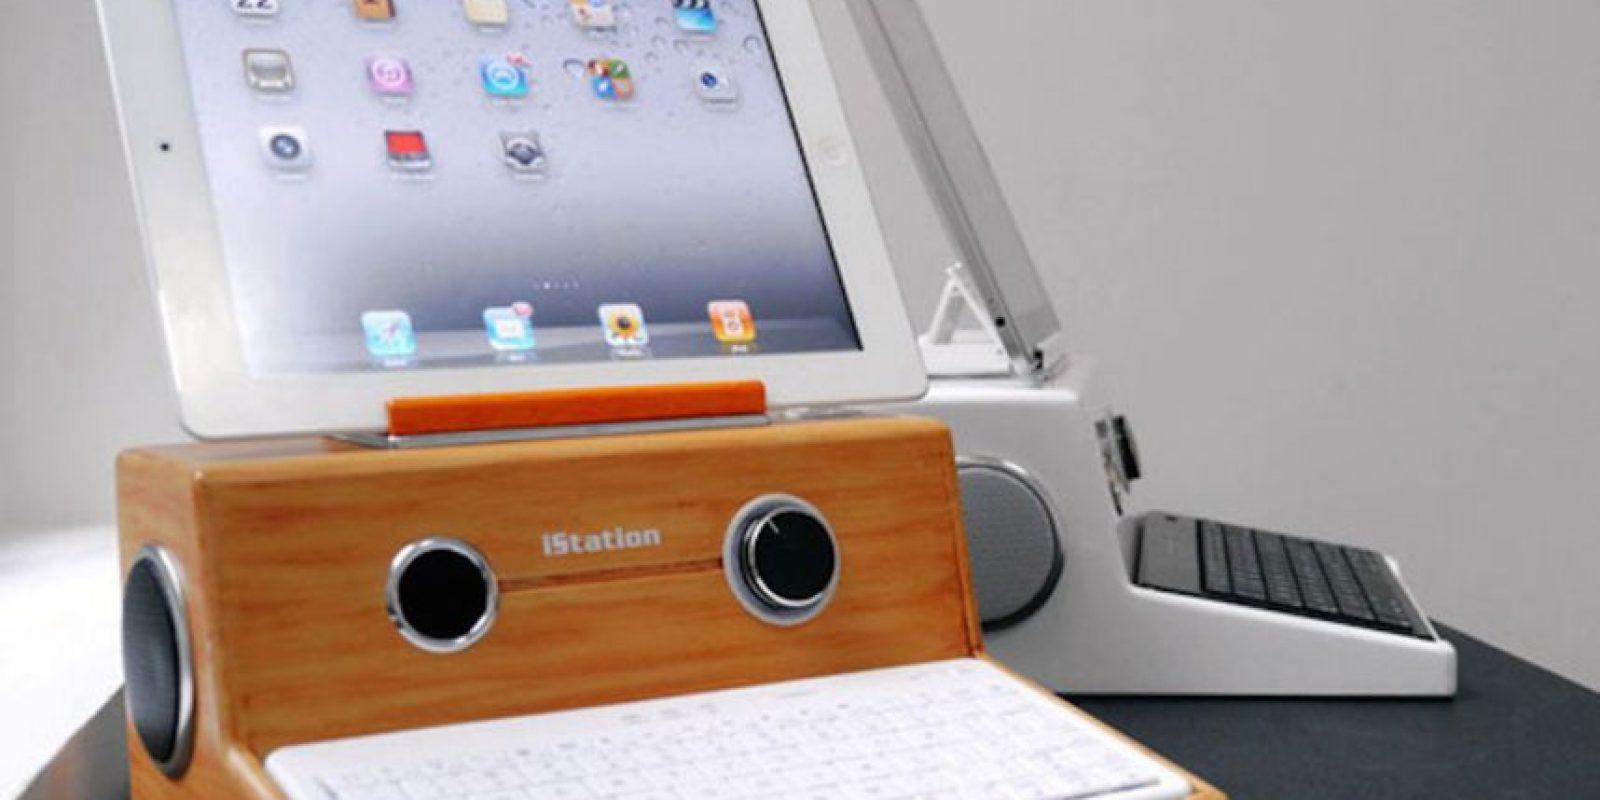 MICGadget inventó un bello teclado que podía convertir a su iPad en un modelo antiguo de Macintosh: una Apple I Foto:MICGadget